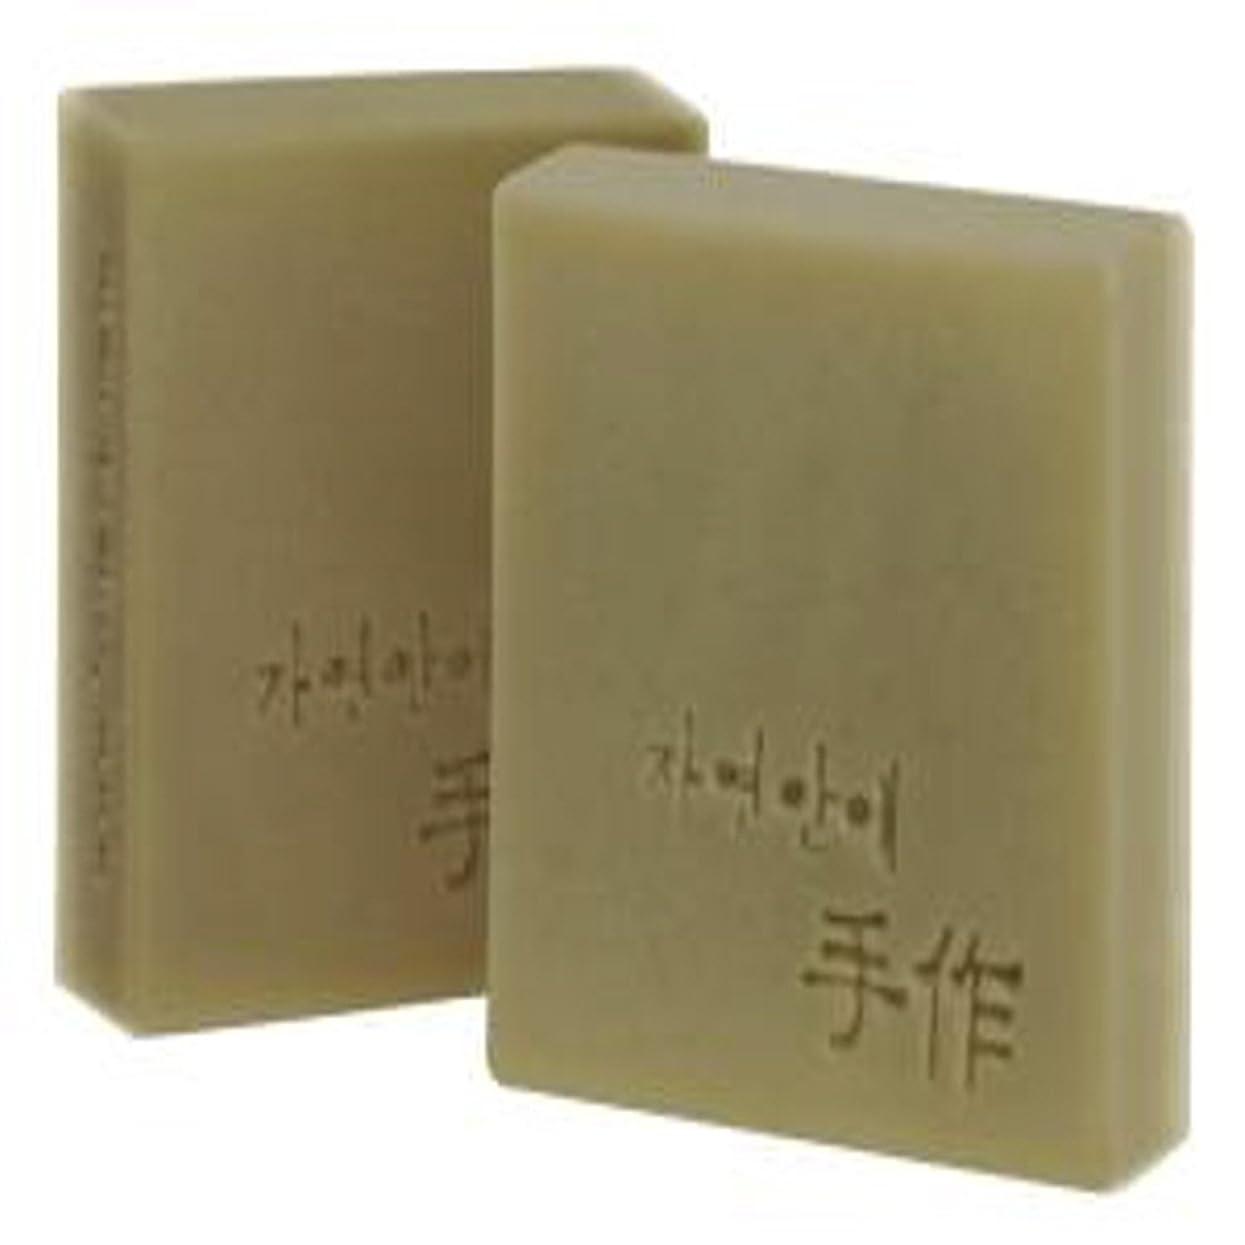 安定した今までいっぱいNatural organic 有機天然ソープ 固形 無添加 洗顔せっけんクレンジング 石鹸 [並行輸入品] (バナナ)